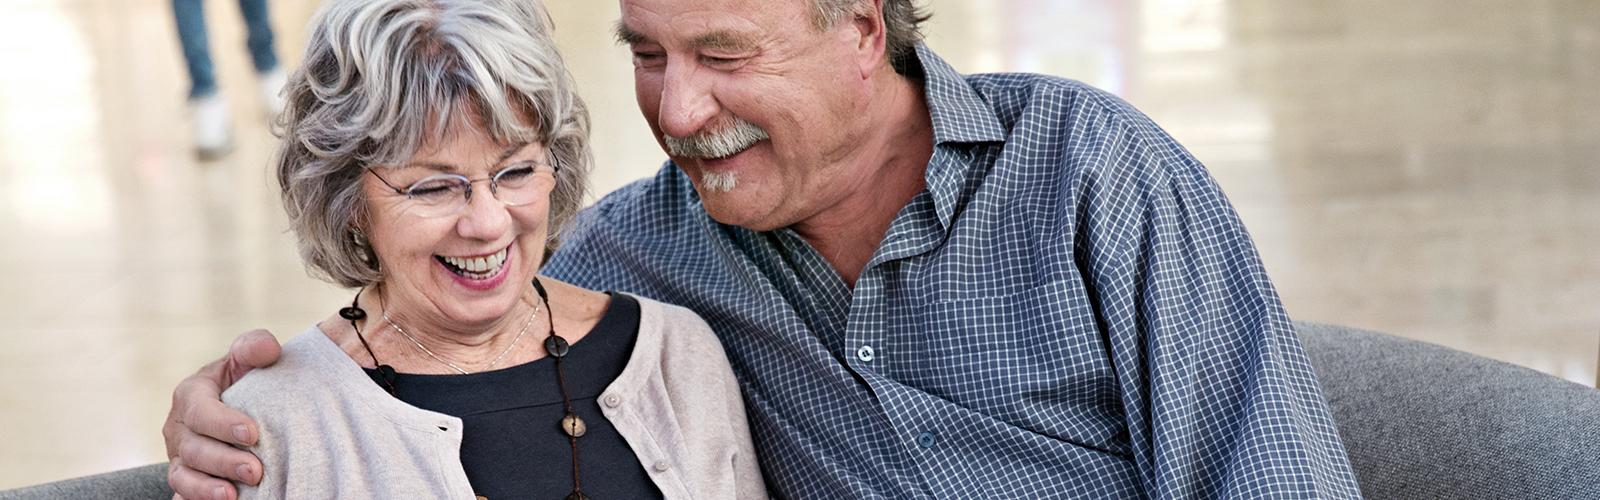 Para wpodeszłym wieku siedząca na kanapie